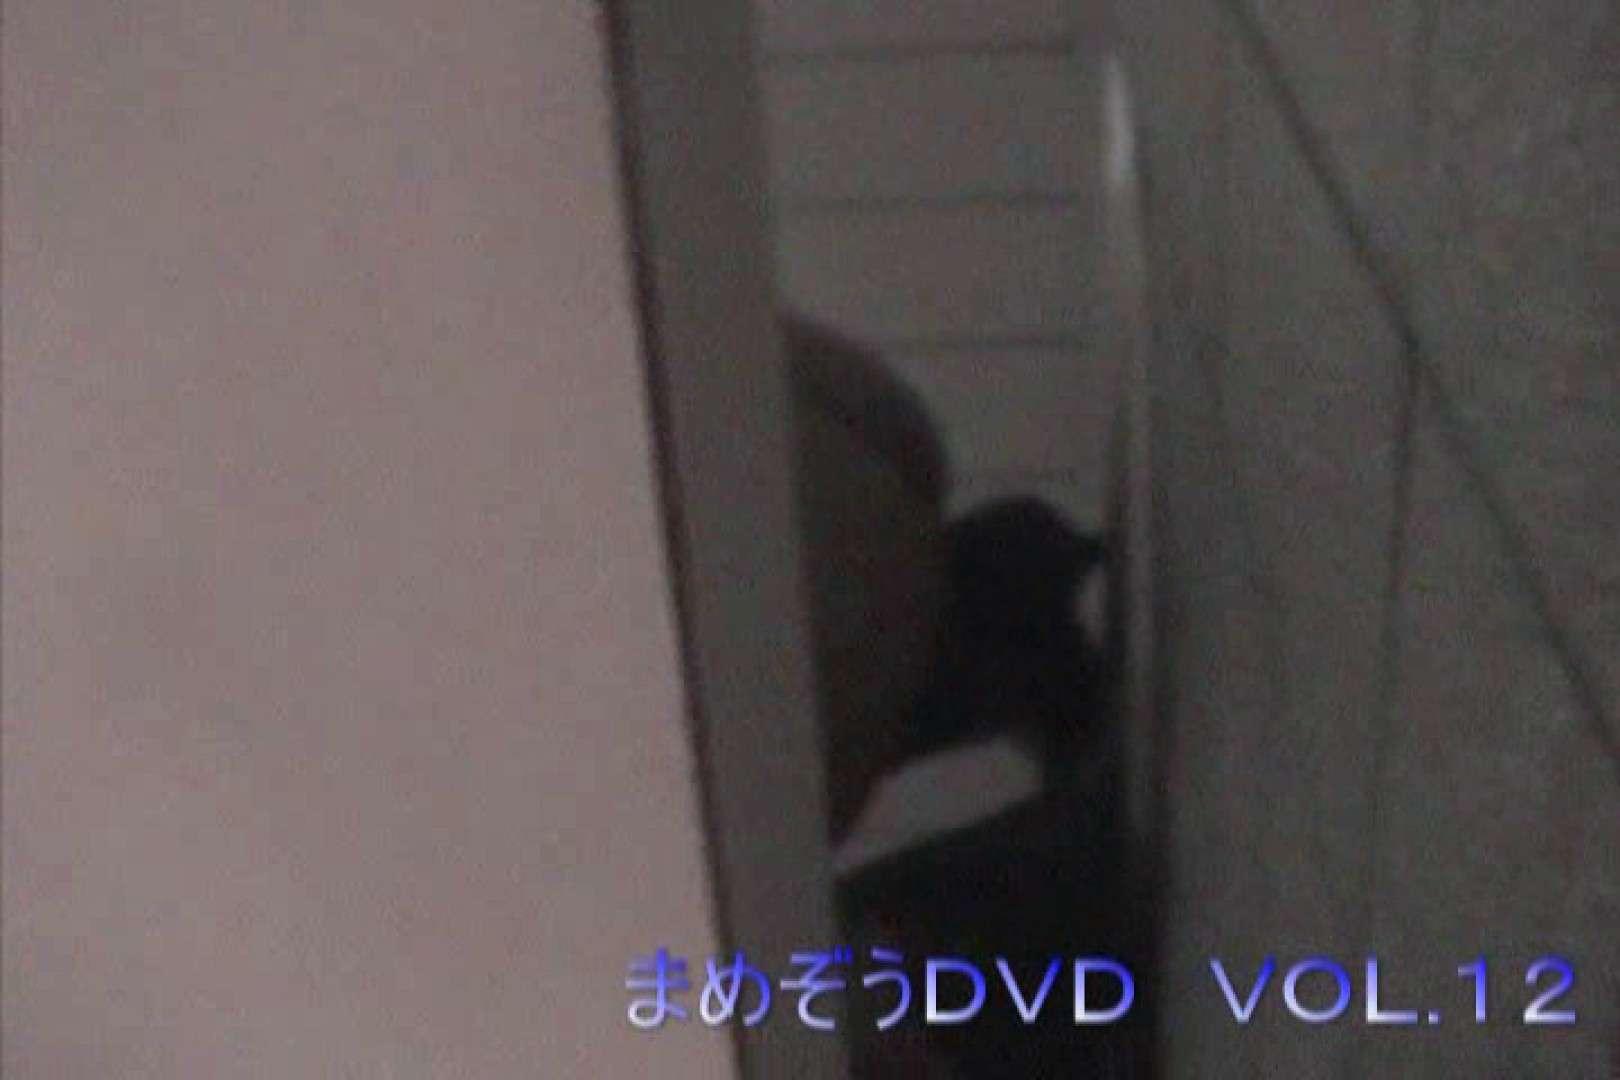 まめぞうDVD完全版VOL.12 ギャル  55連発 26